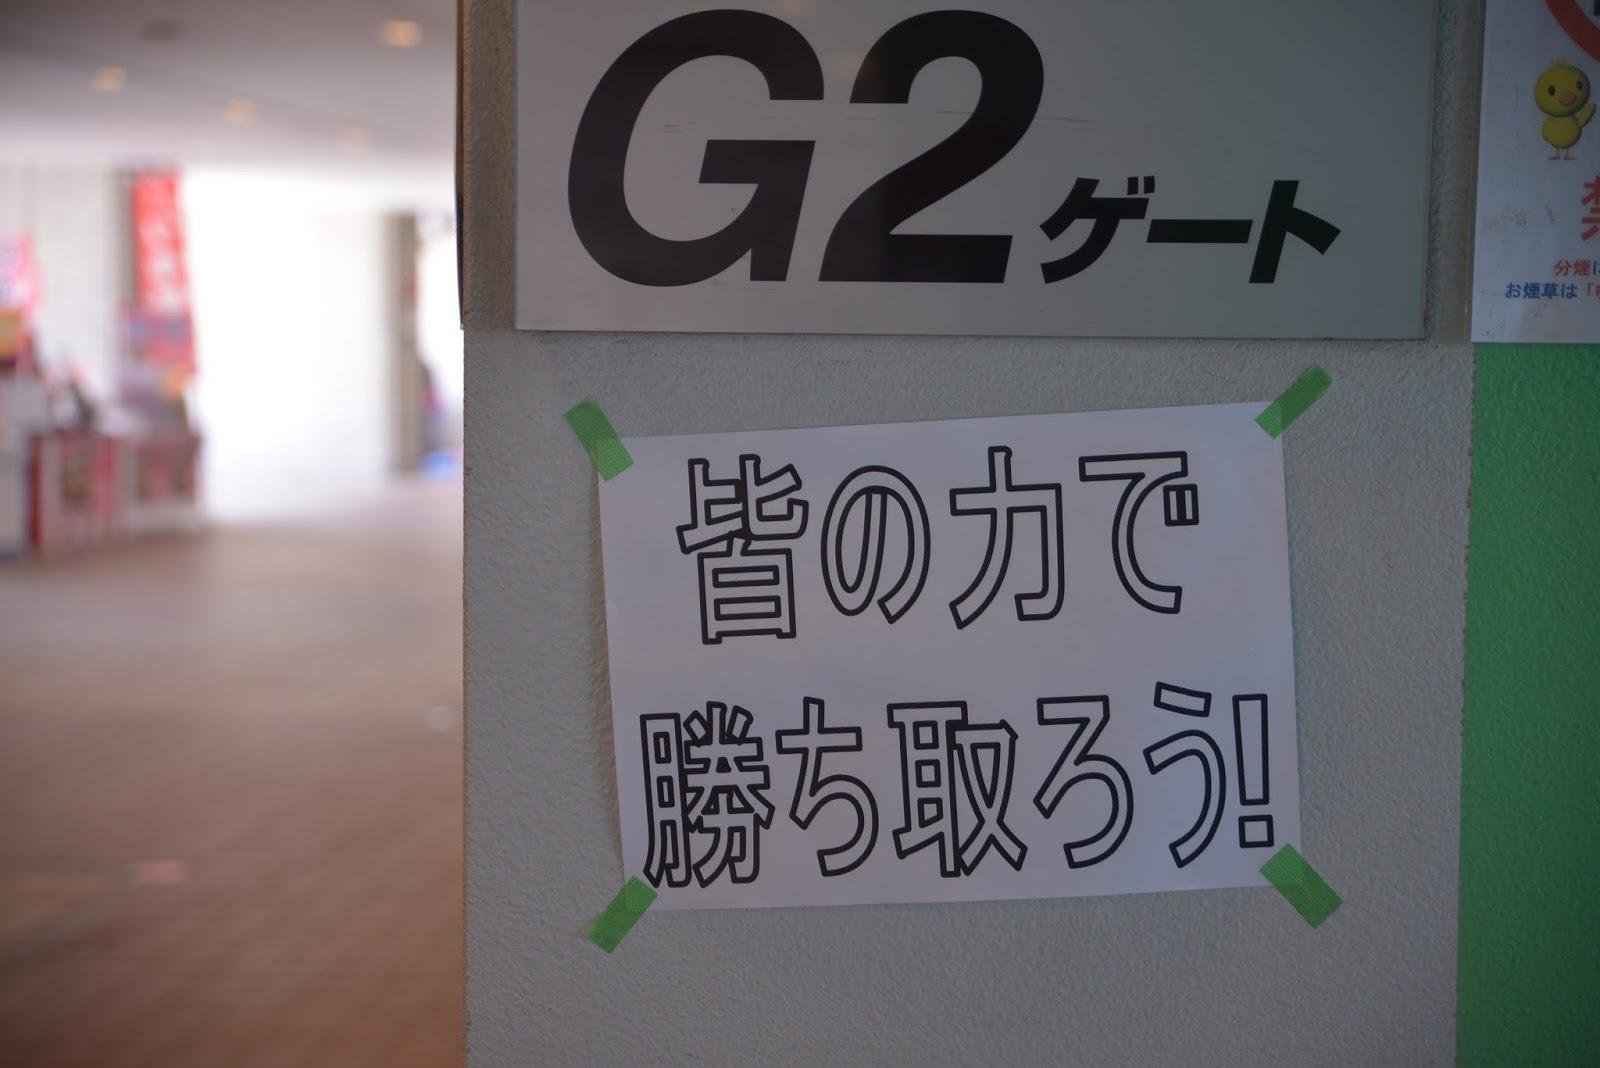 セレッソ大阪 acl